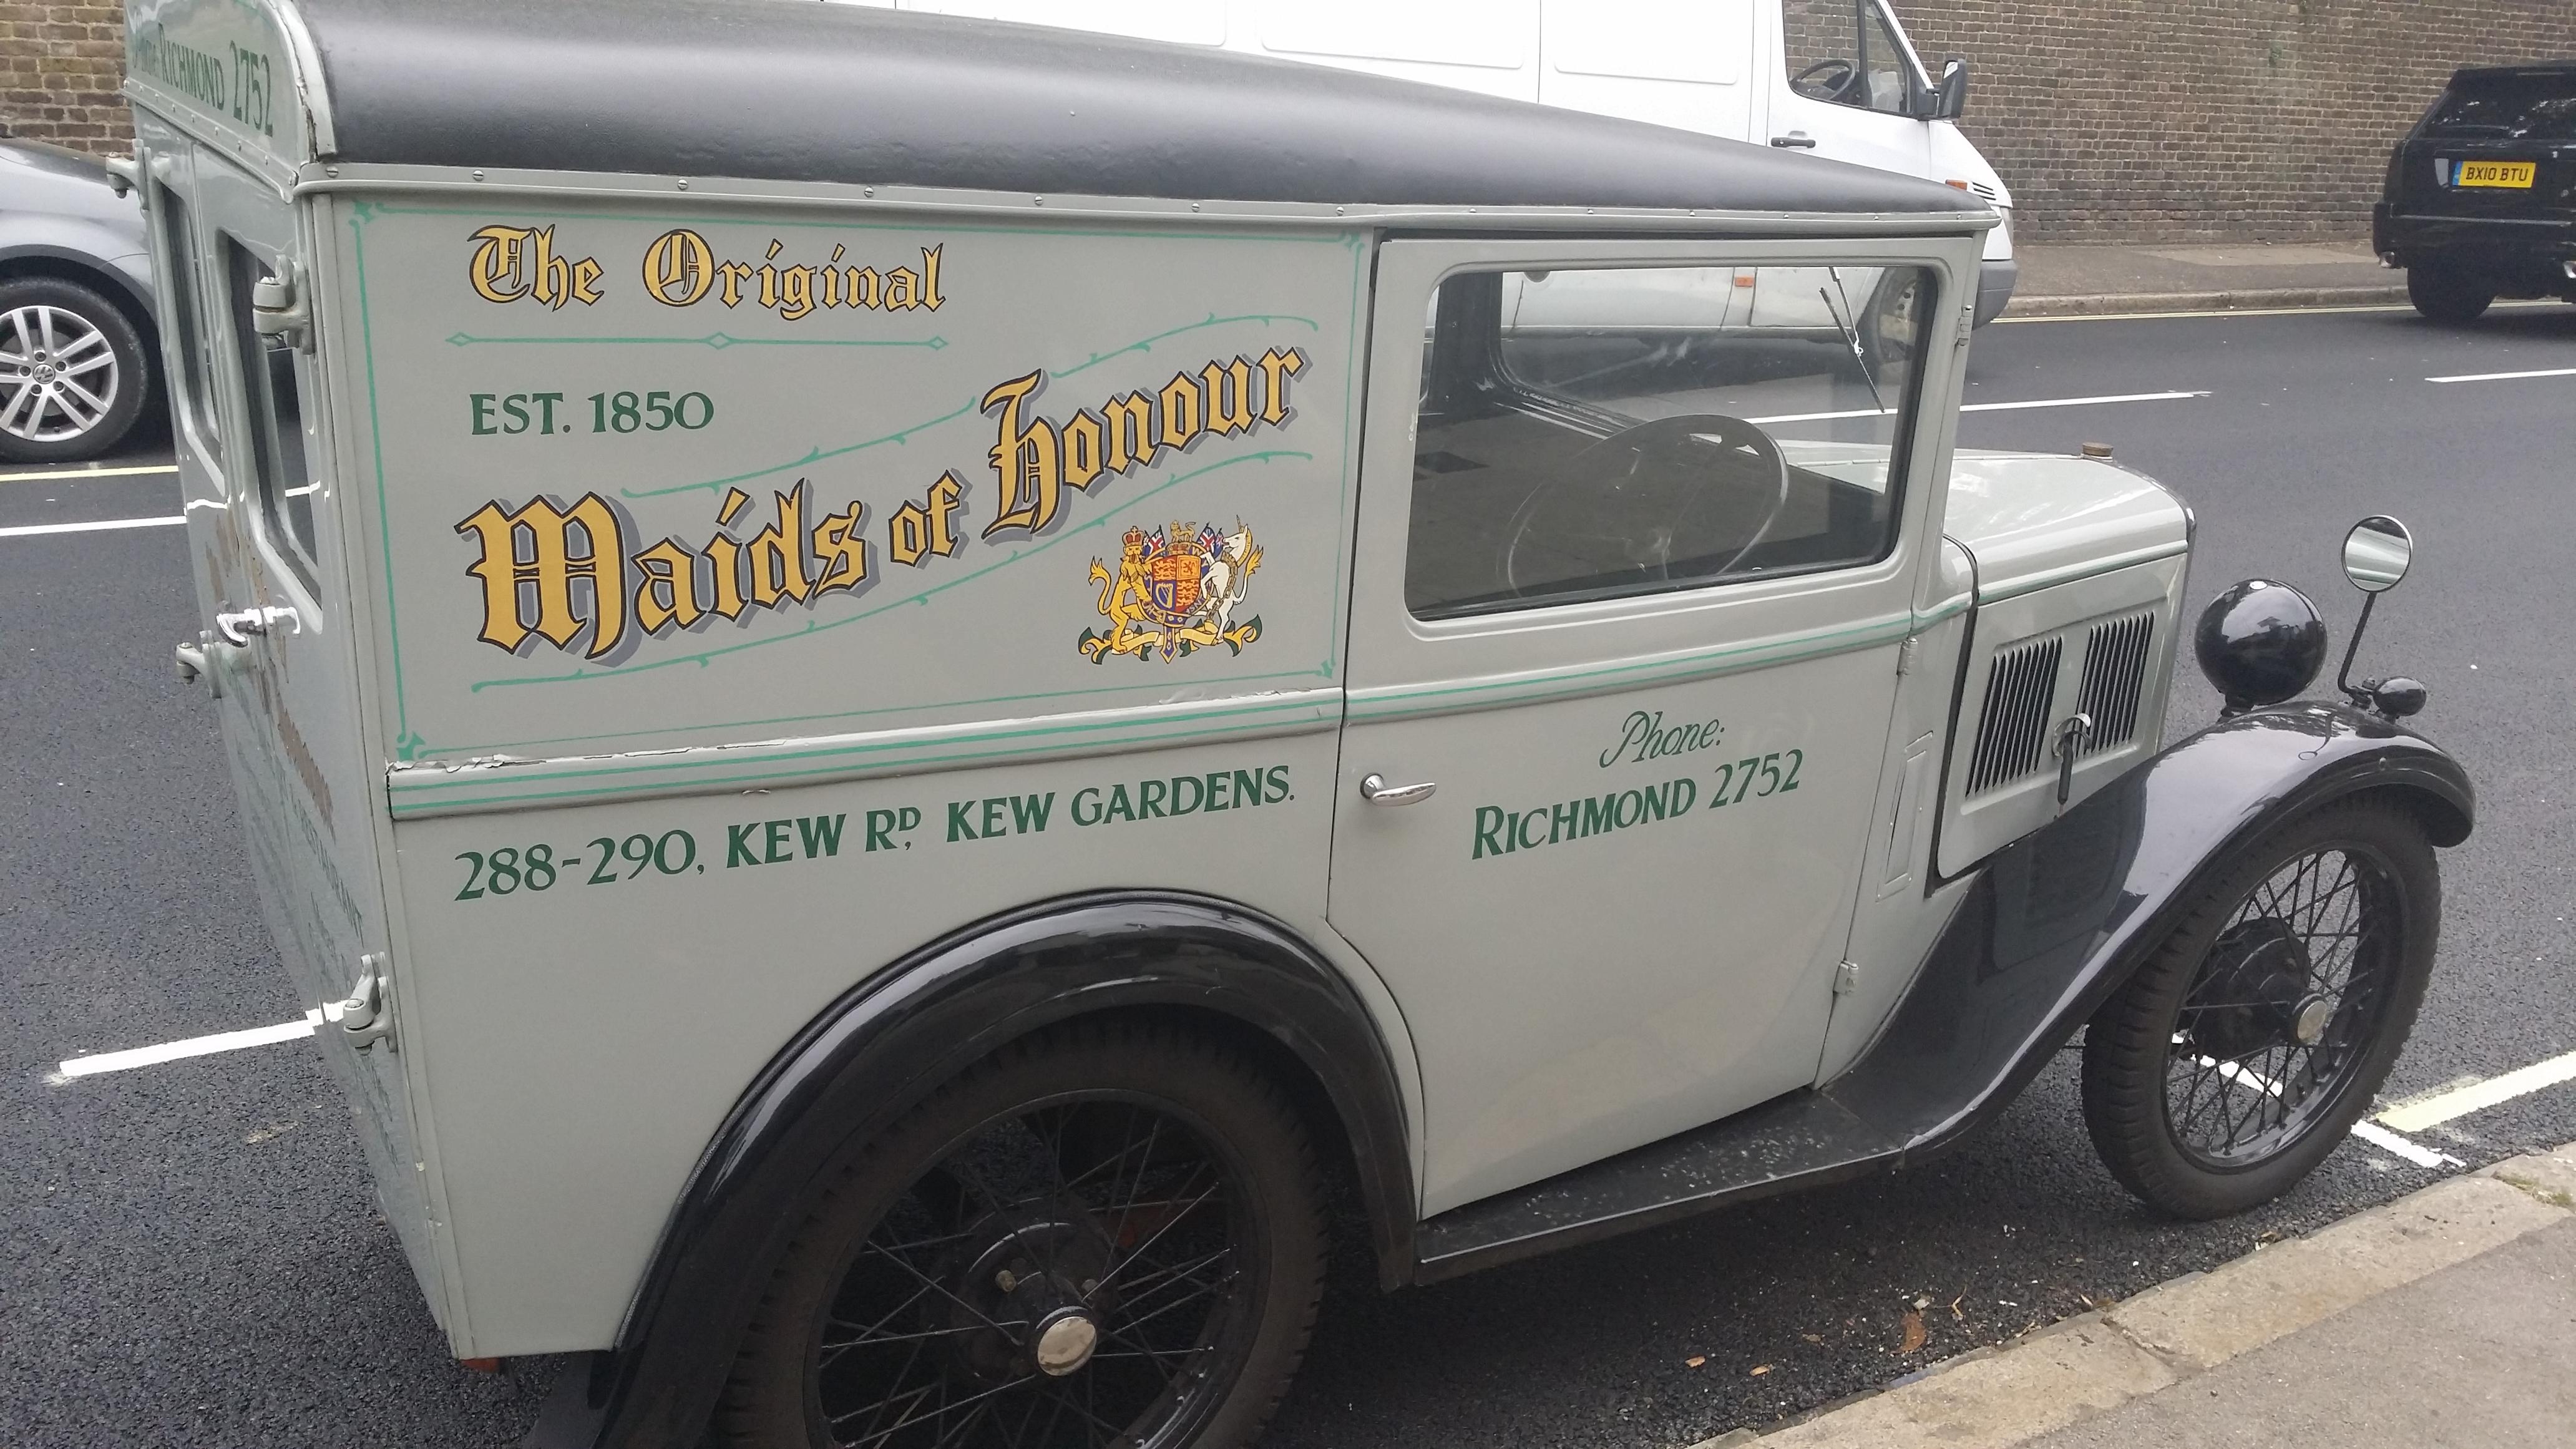 The-Original-Maids-of-Honour-Kew-gardens